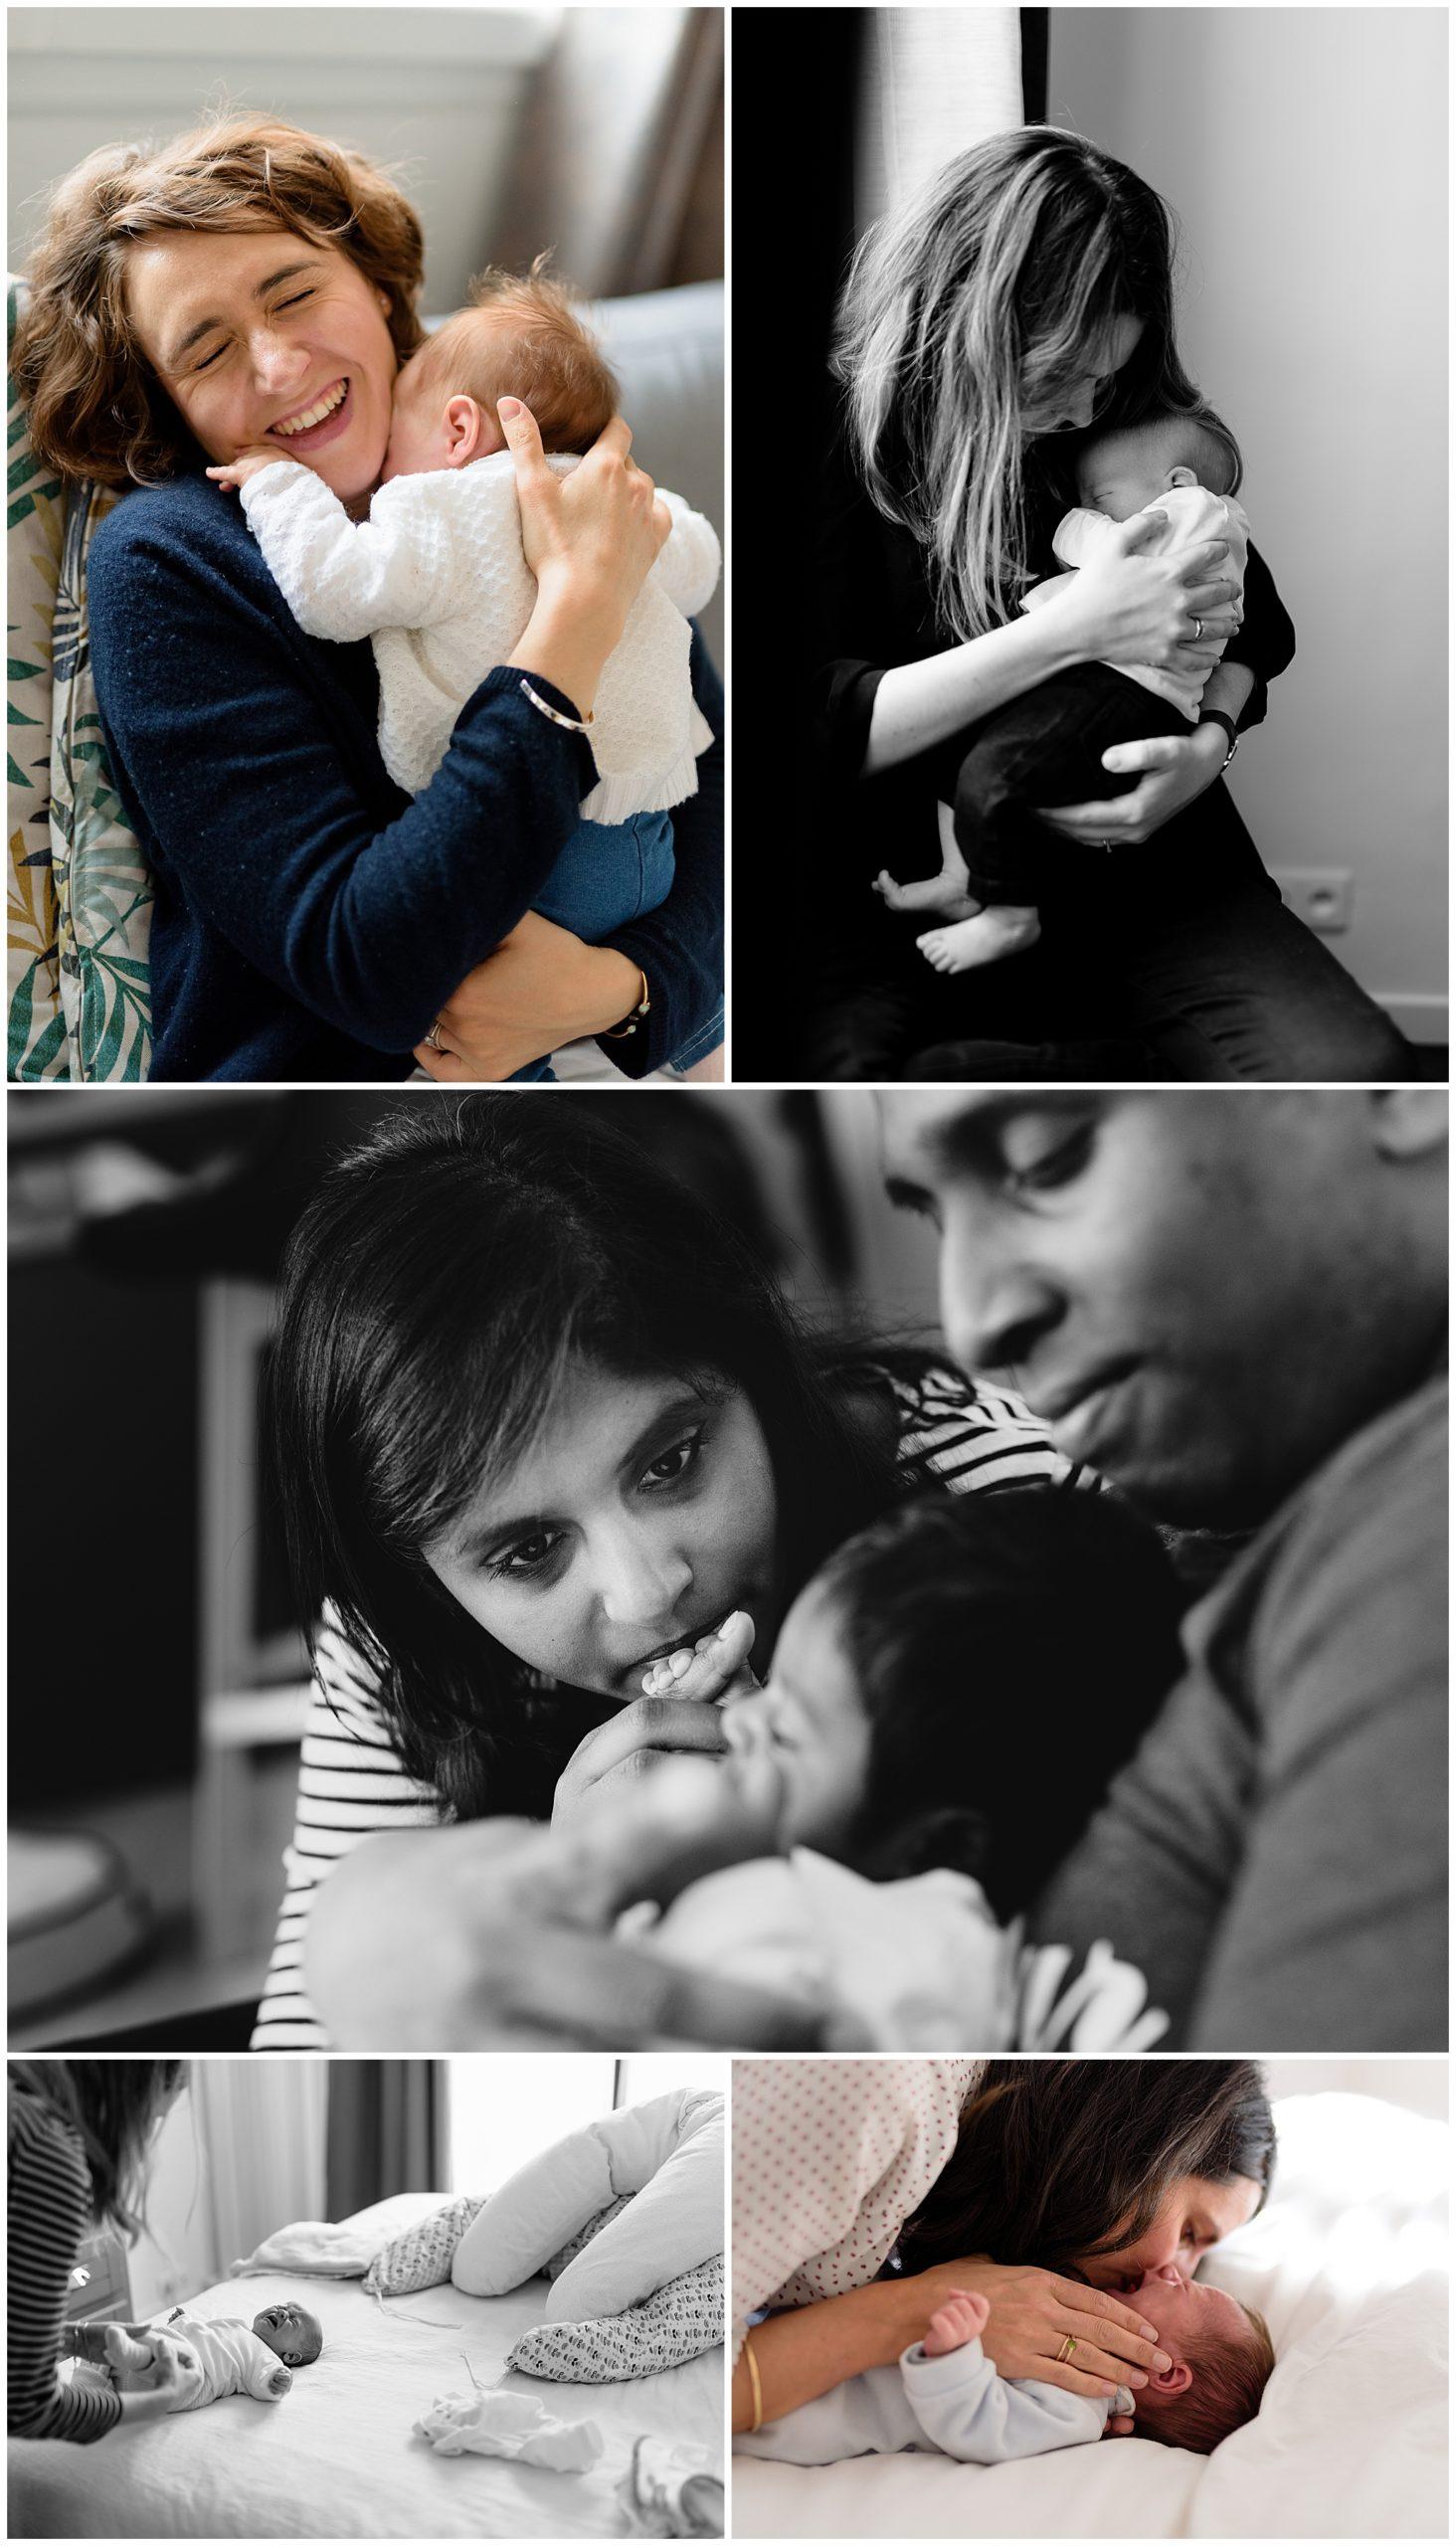 Nouveau-né reportage photo photographe connexion Yvelines paris hauts-de-seine naissance maman instant Sandrine Siryani